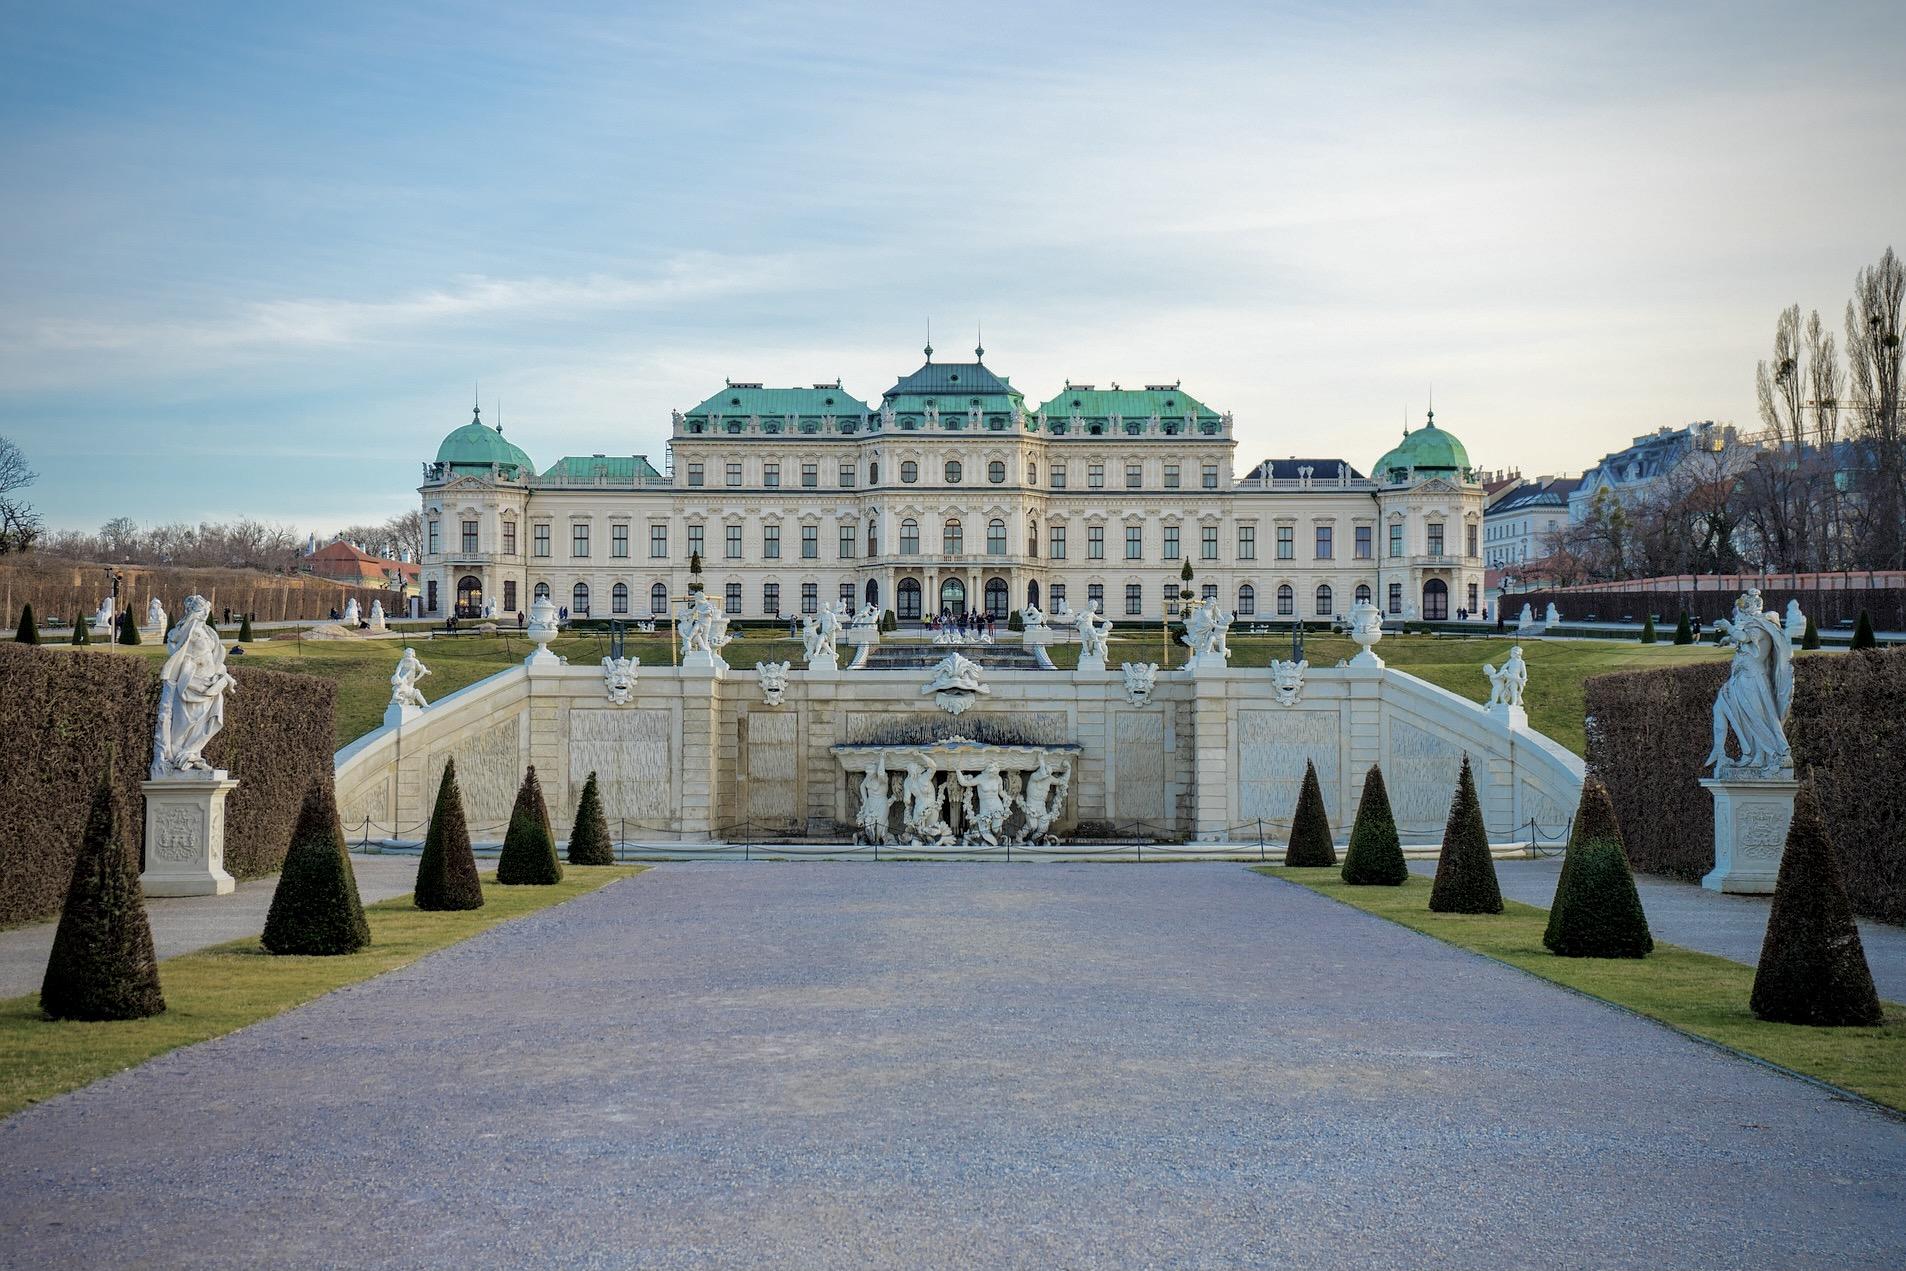 Wien Sehenswürdigkeiten wie das Museum und Schloss Belvedere sind ein Highlight